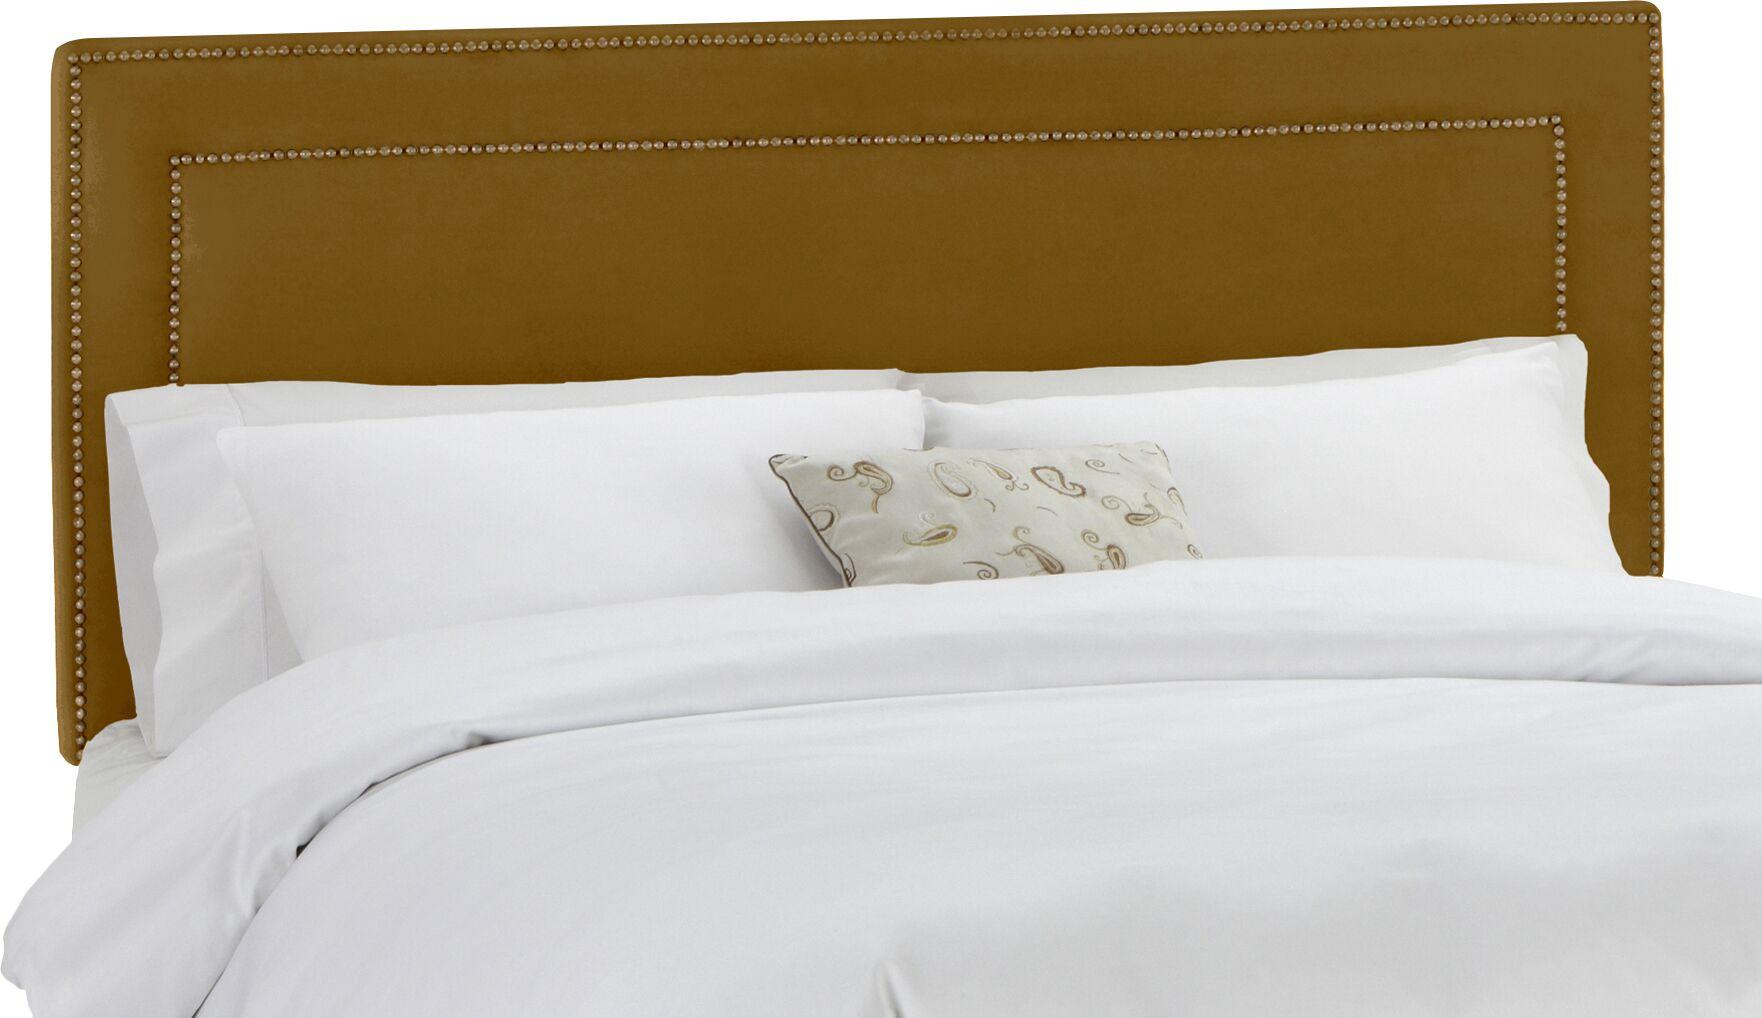 Ibin Upholstered Panel Headboard Size: Full, Upholstery: Mystere Moccasin